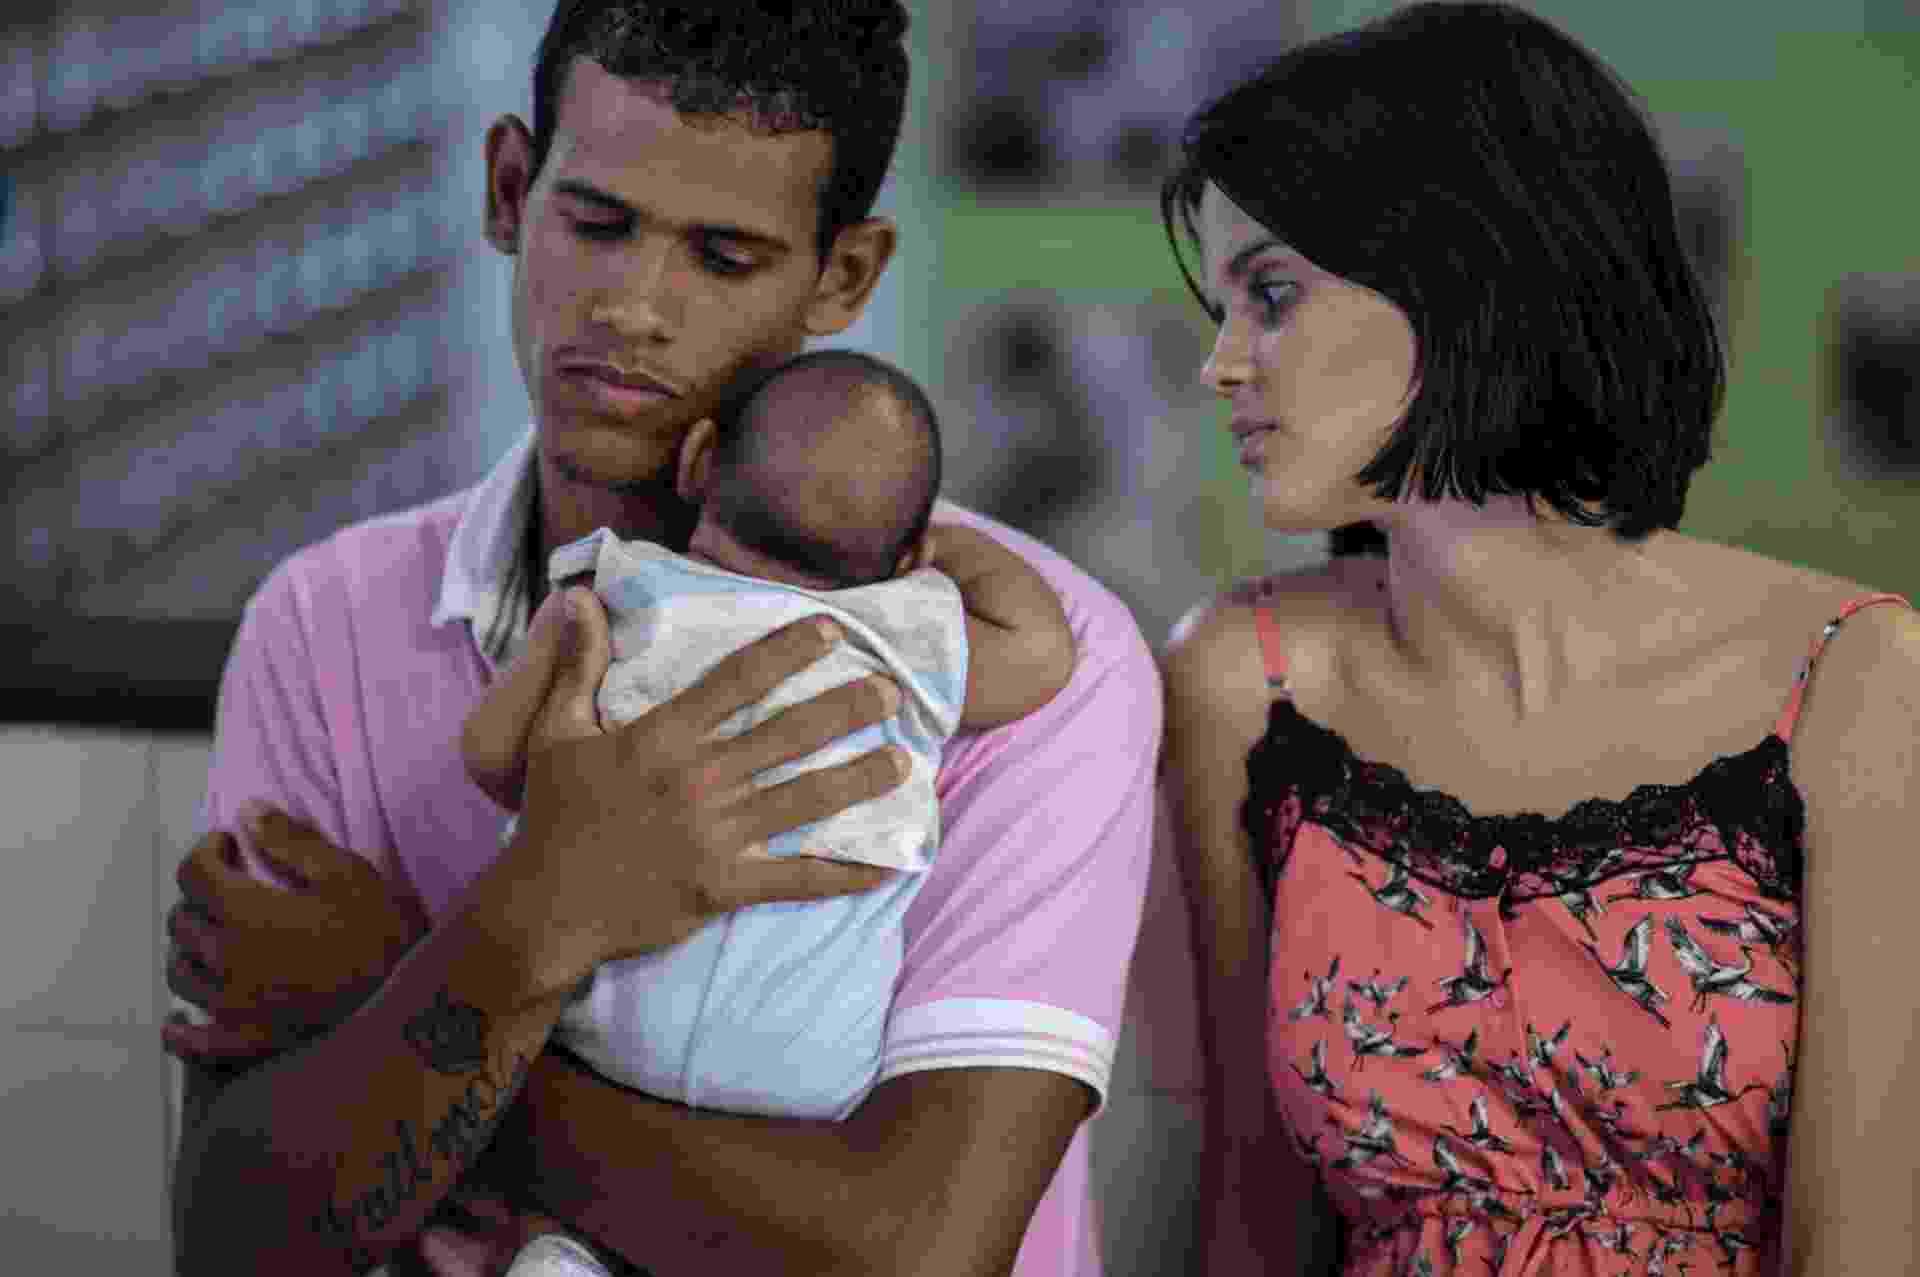 27.jan.2016 - Matheus Lima, 22, e Kleisse Marcelona, 24, cuidam de seu filho de dois meses, Pietro, diagnosticado com microcefalia - Christophe Simon/AFP